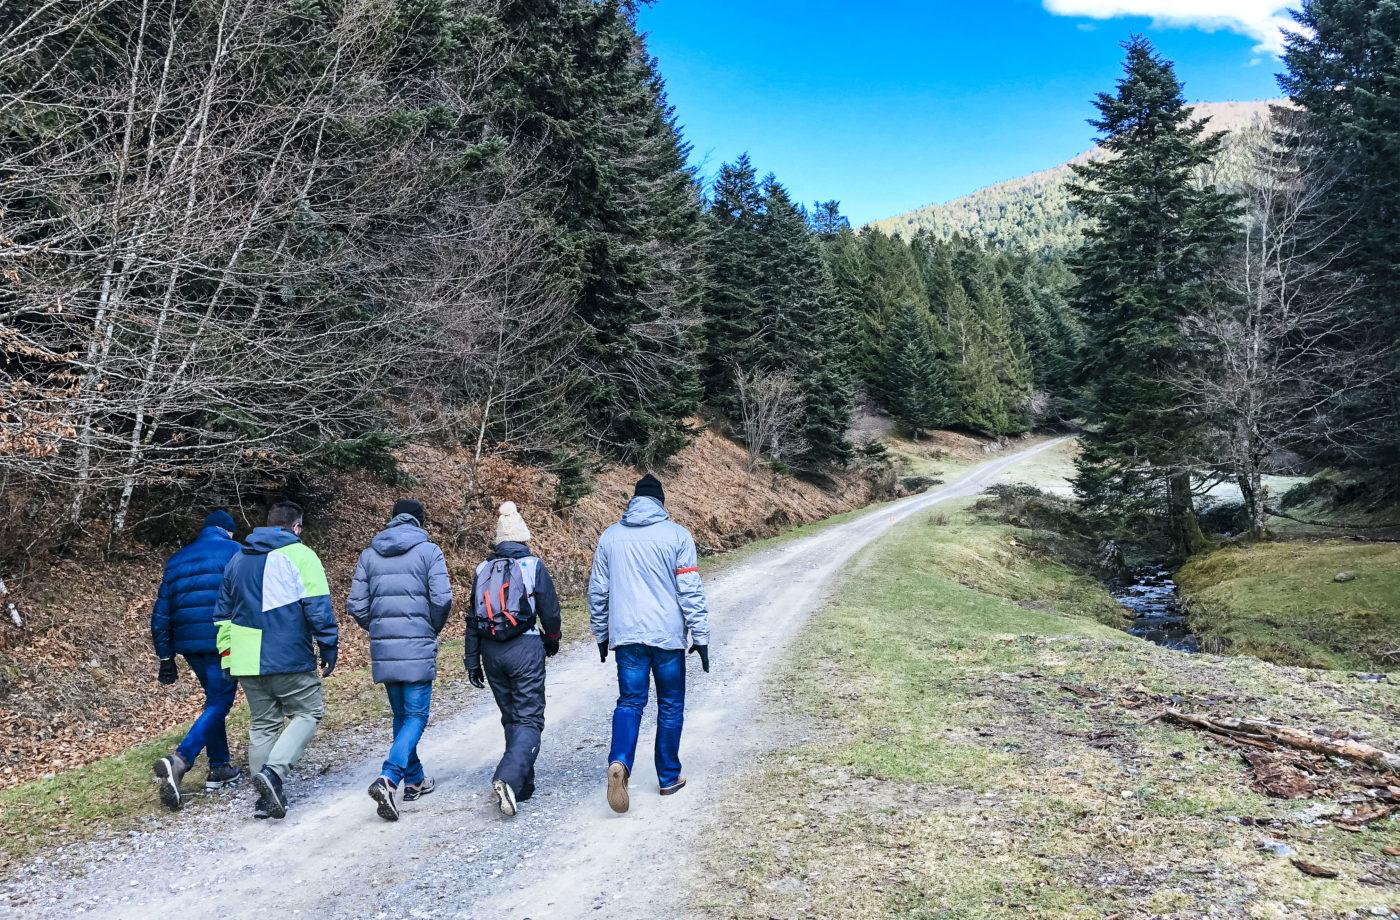 agence evenementielle receptive pays basque erronda seminaire team building incentive event la Mongie pyrénées biathlon payolle